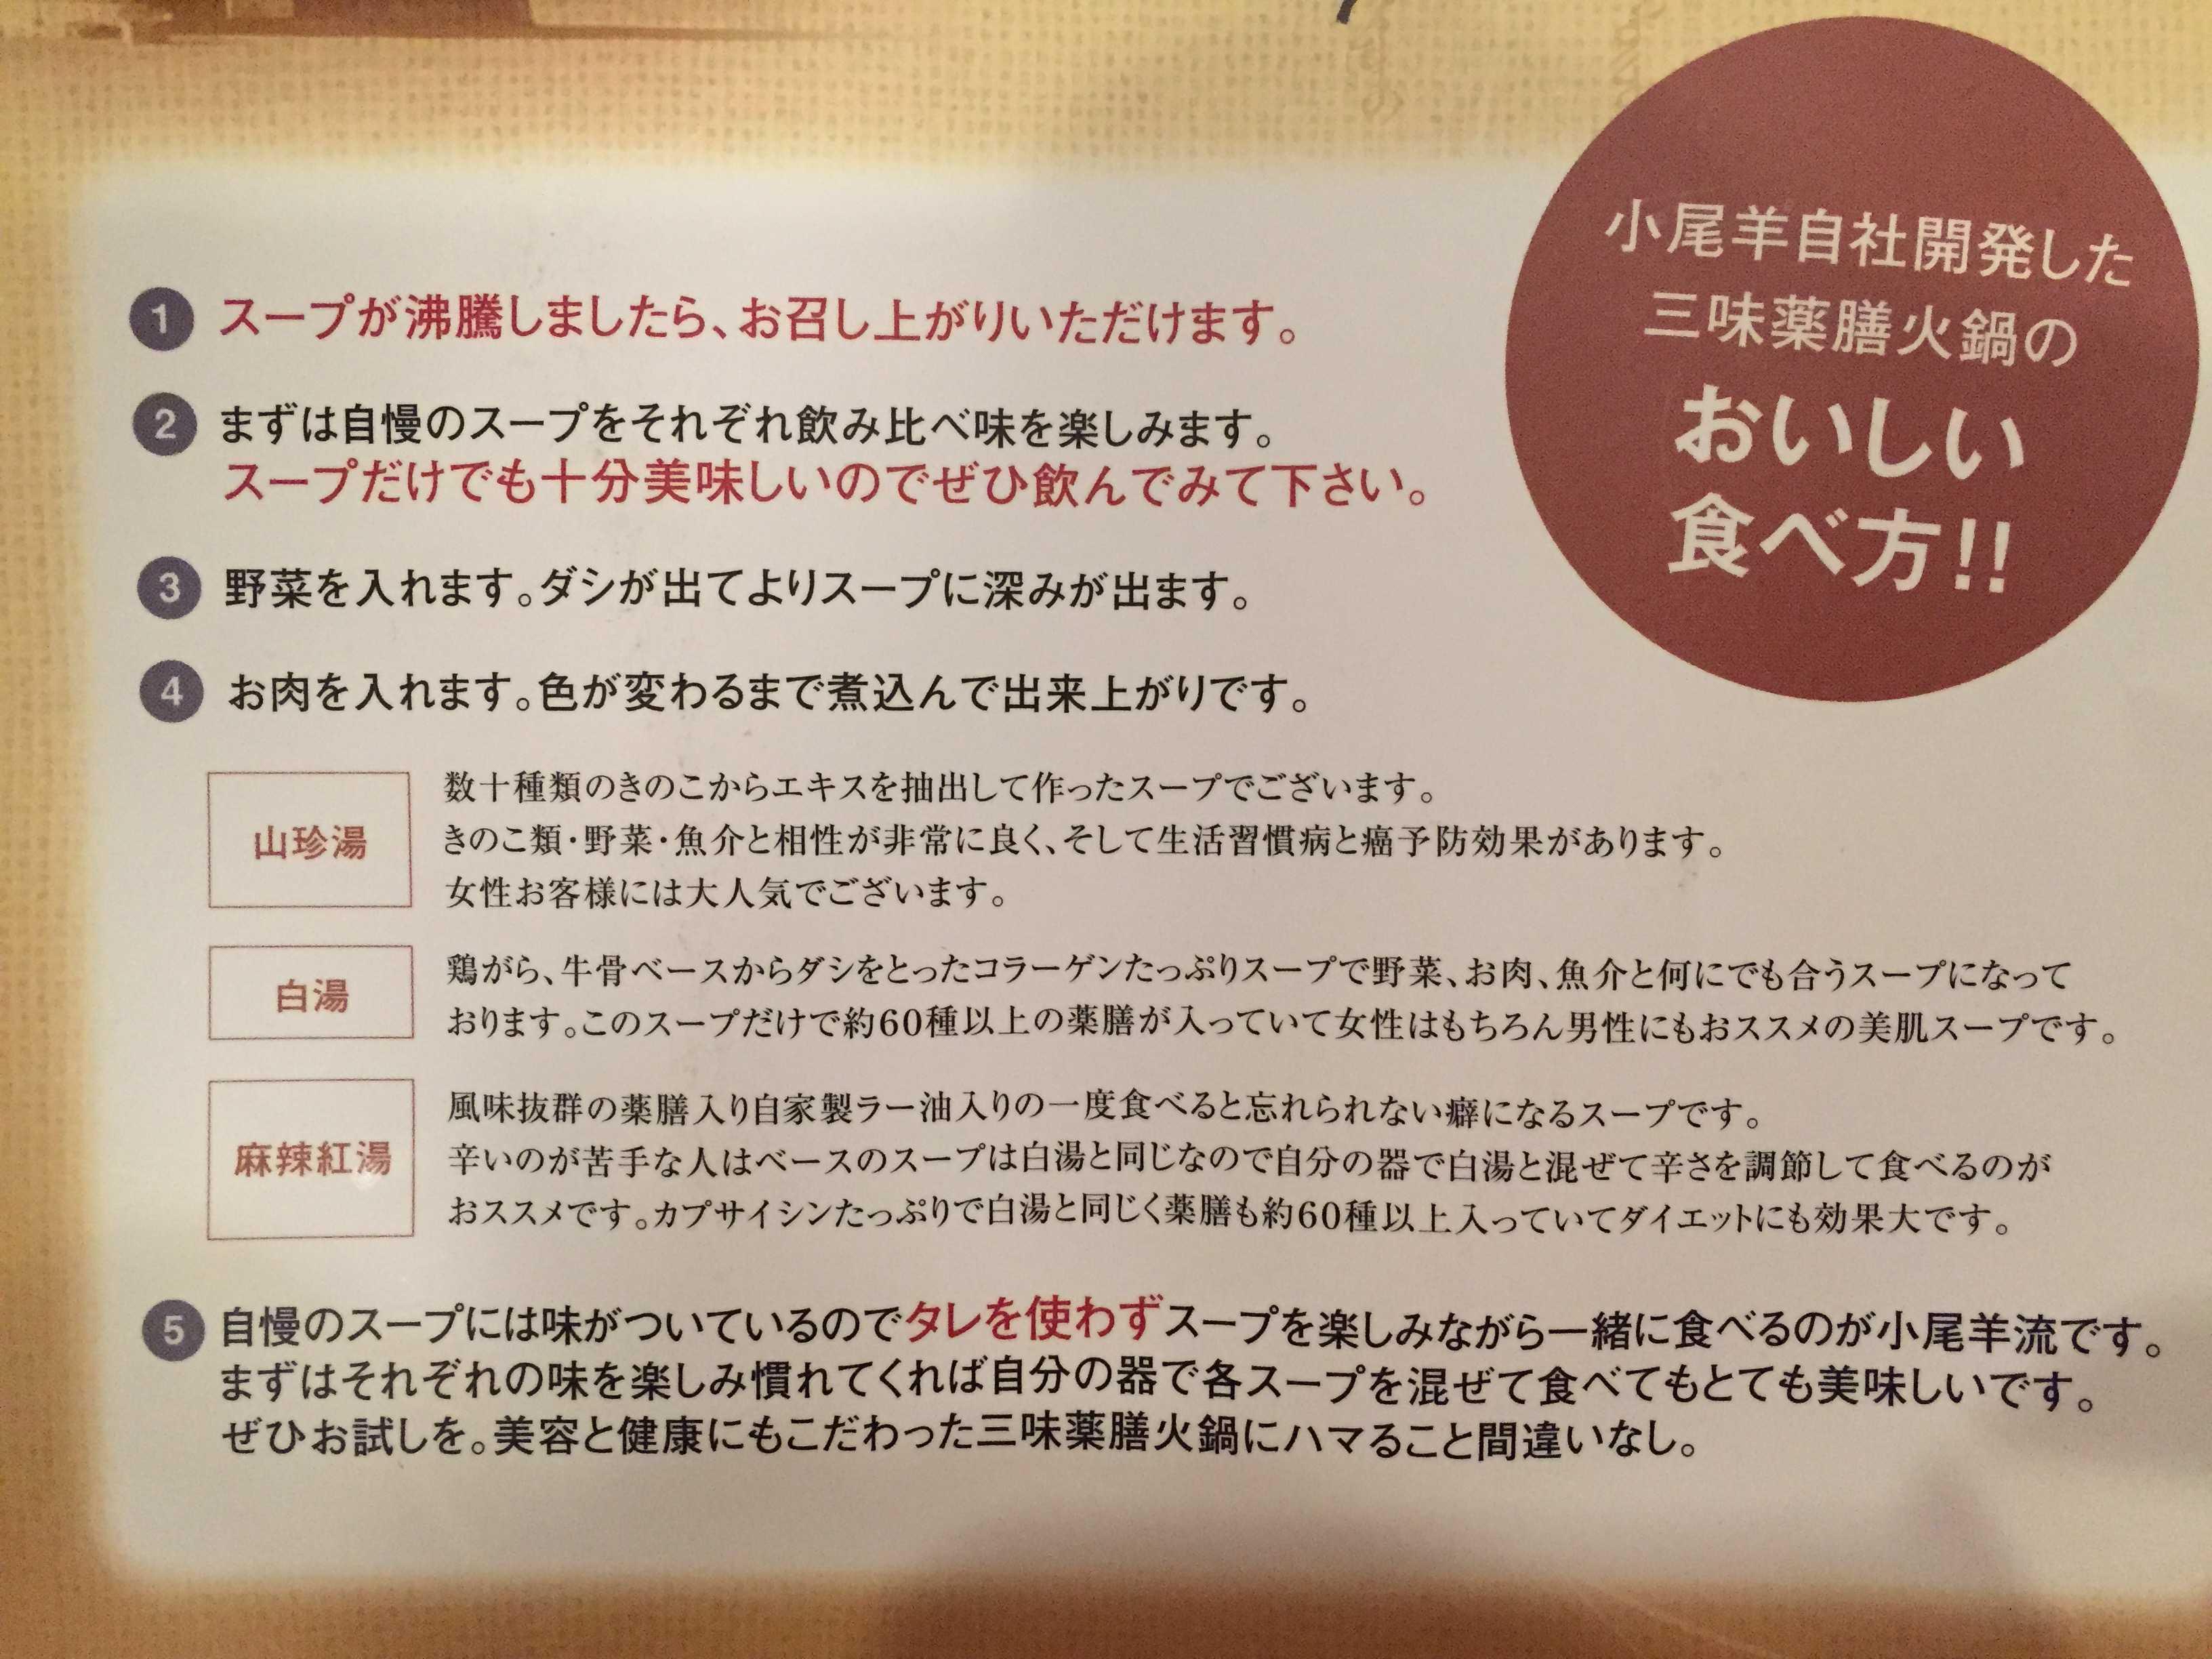 三味薬膳火鍋のおいしい食べ方 - 小尾羊 新大久保店